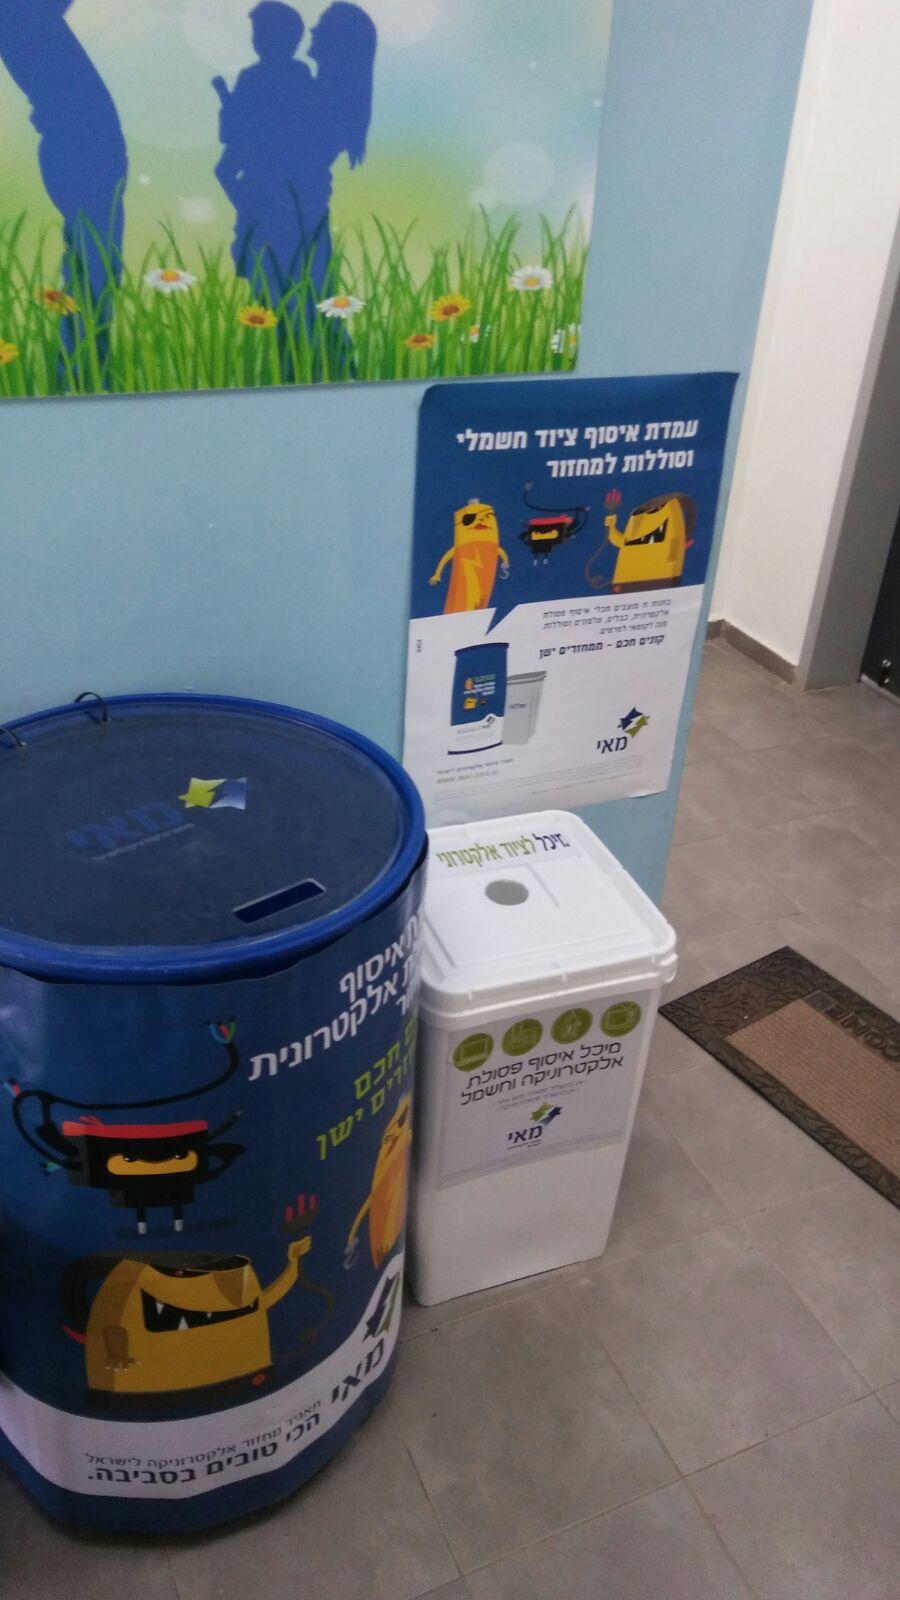 מוקד איסוף פסולת אלקטרונית וסוללות למיחזור